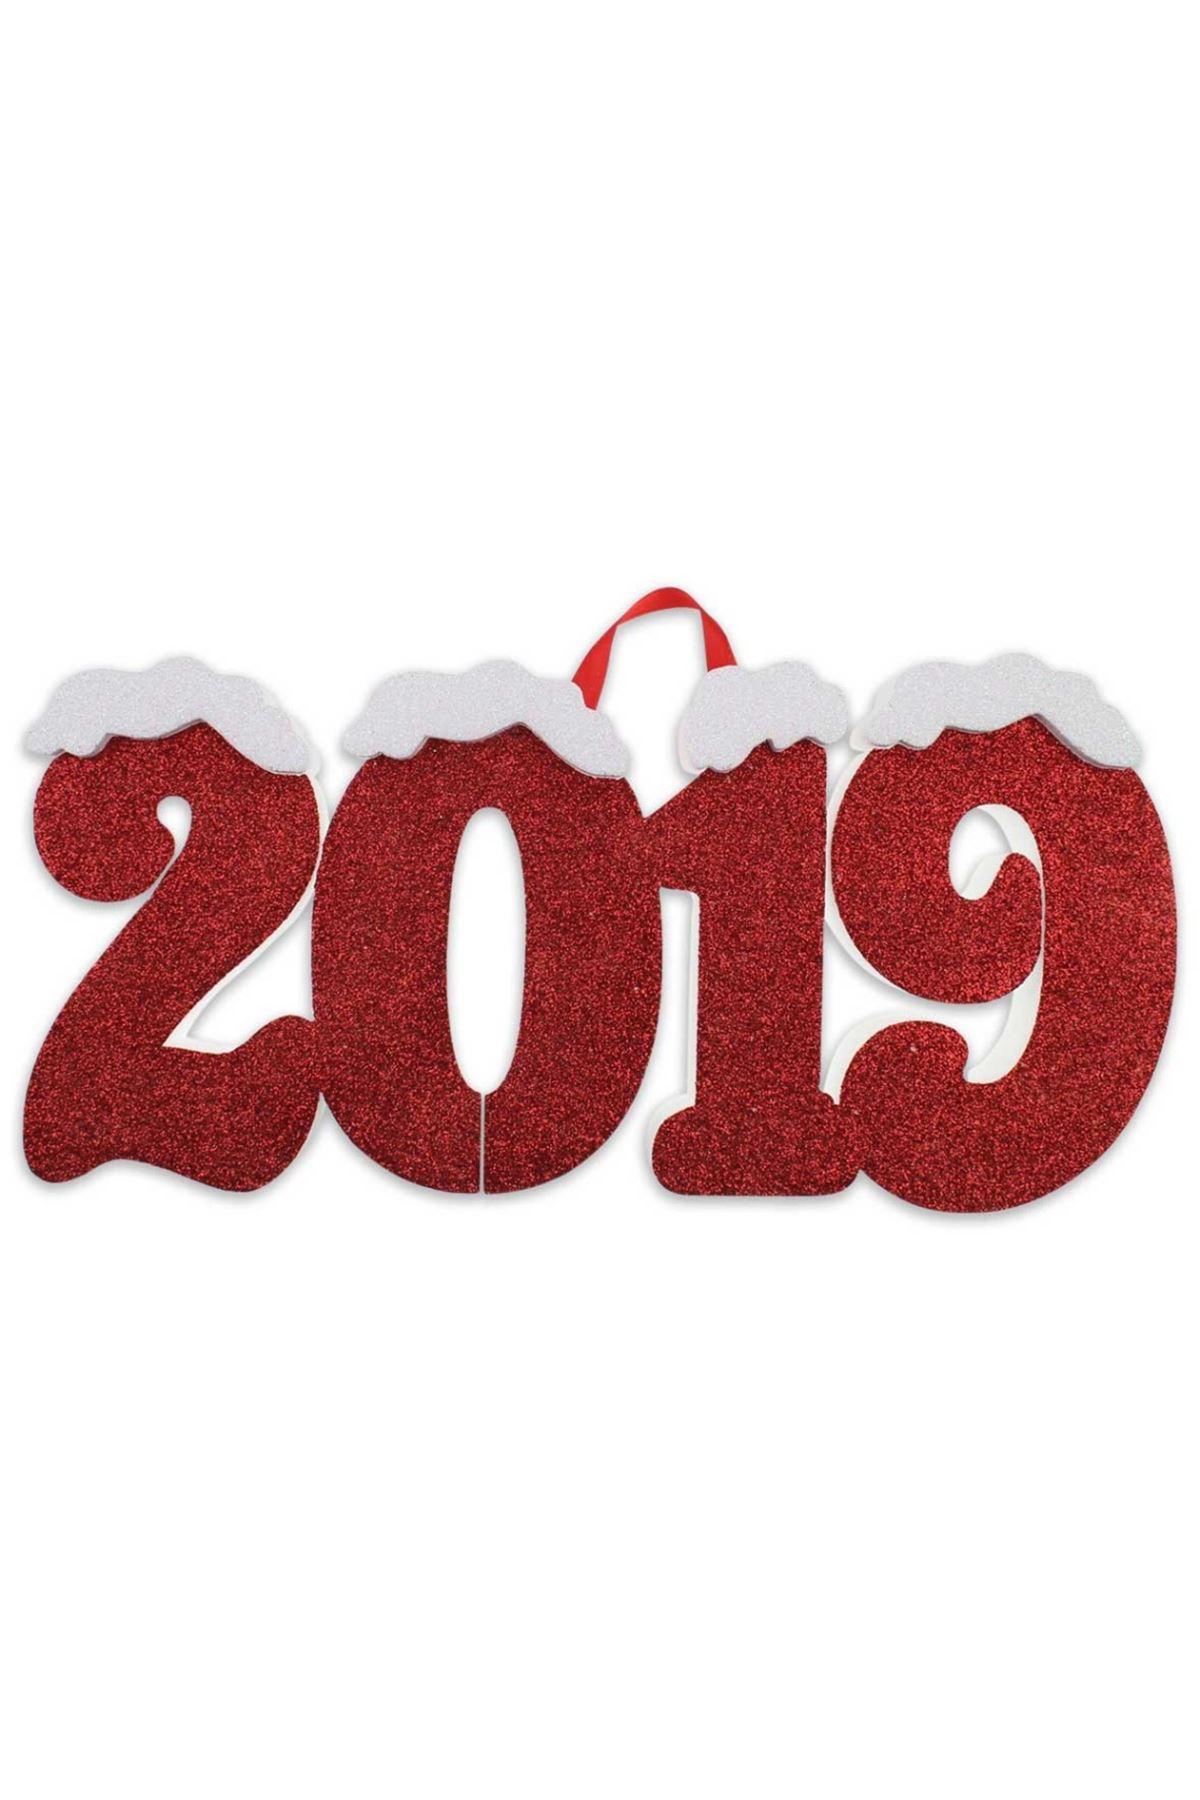 Yılbaşı 2019 Yazılı Strafor Dekor Süs